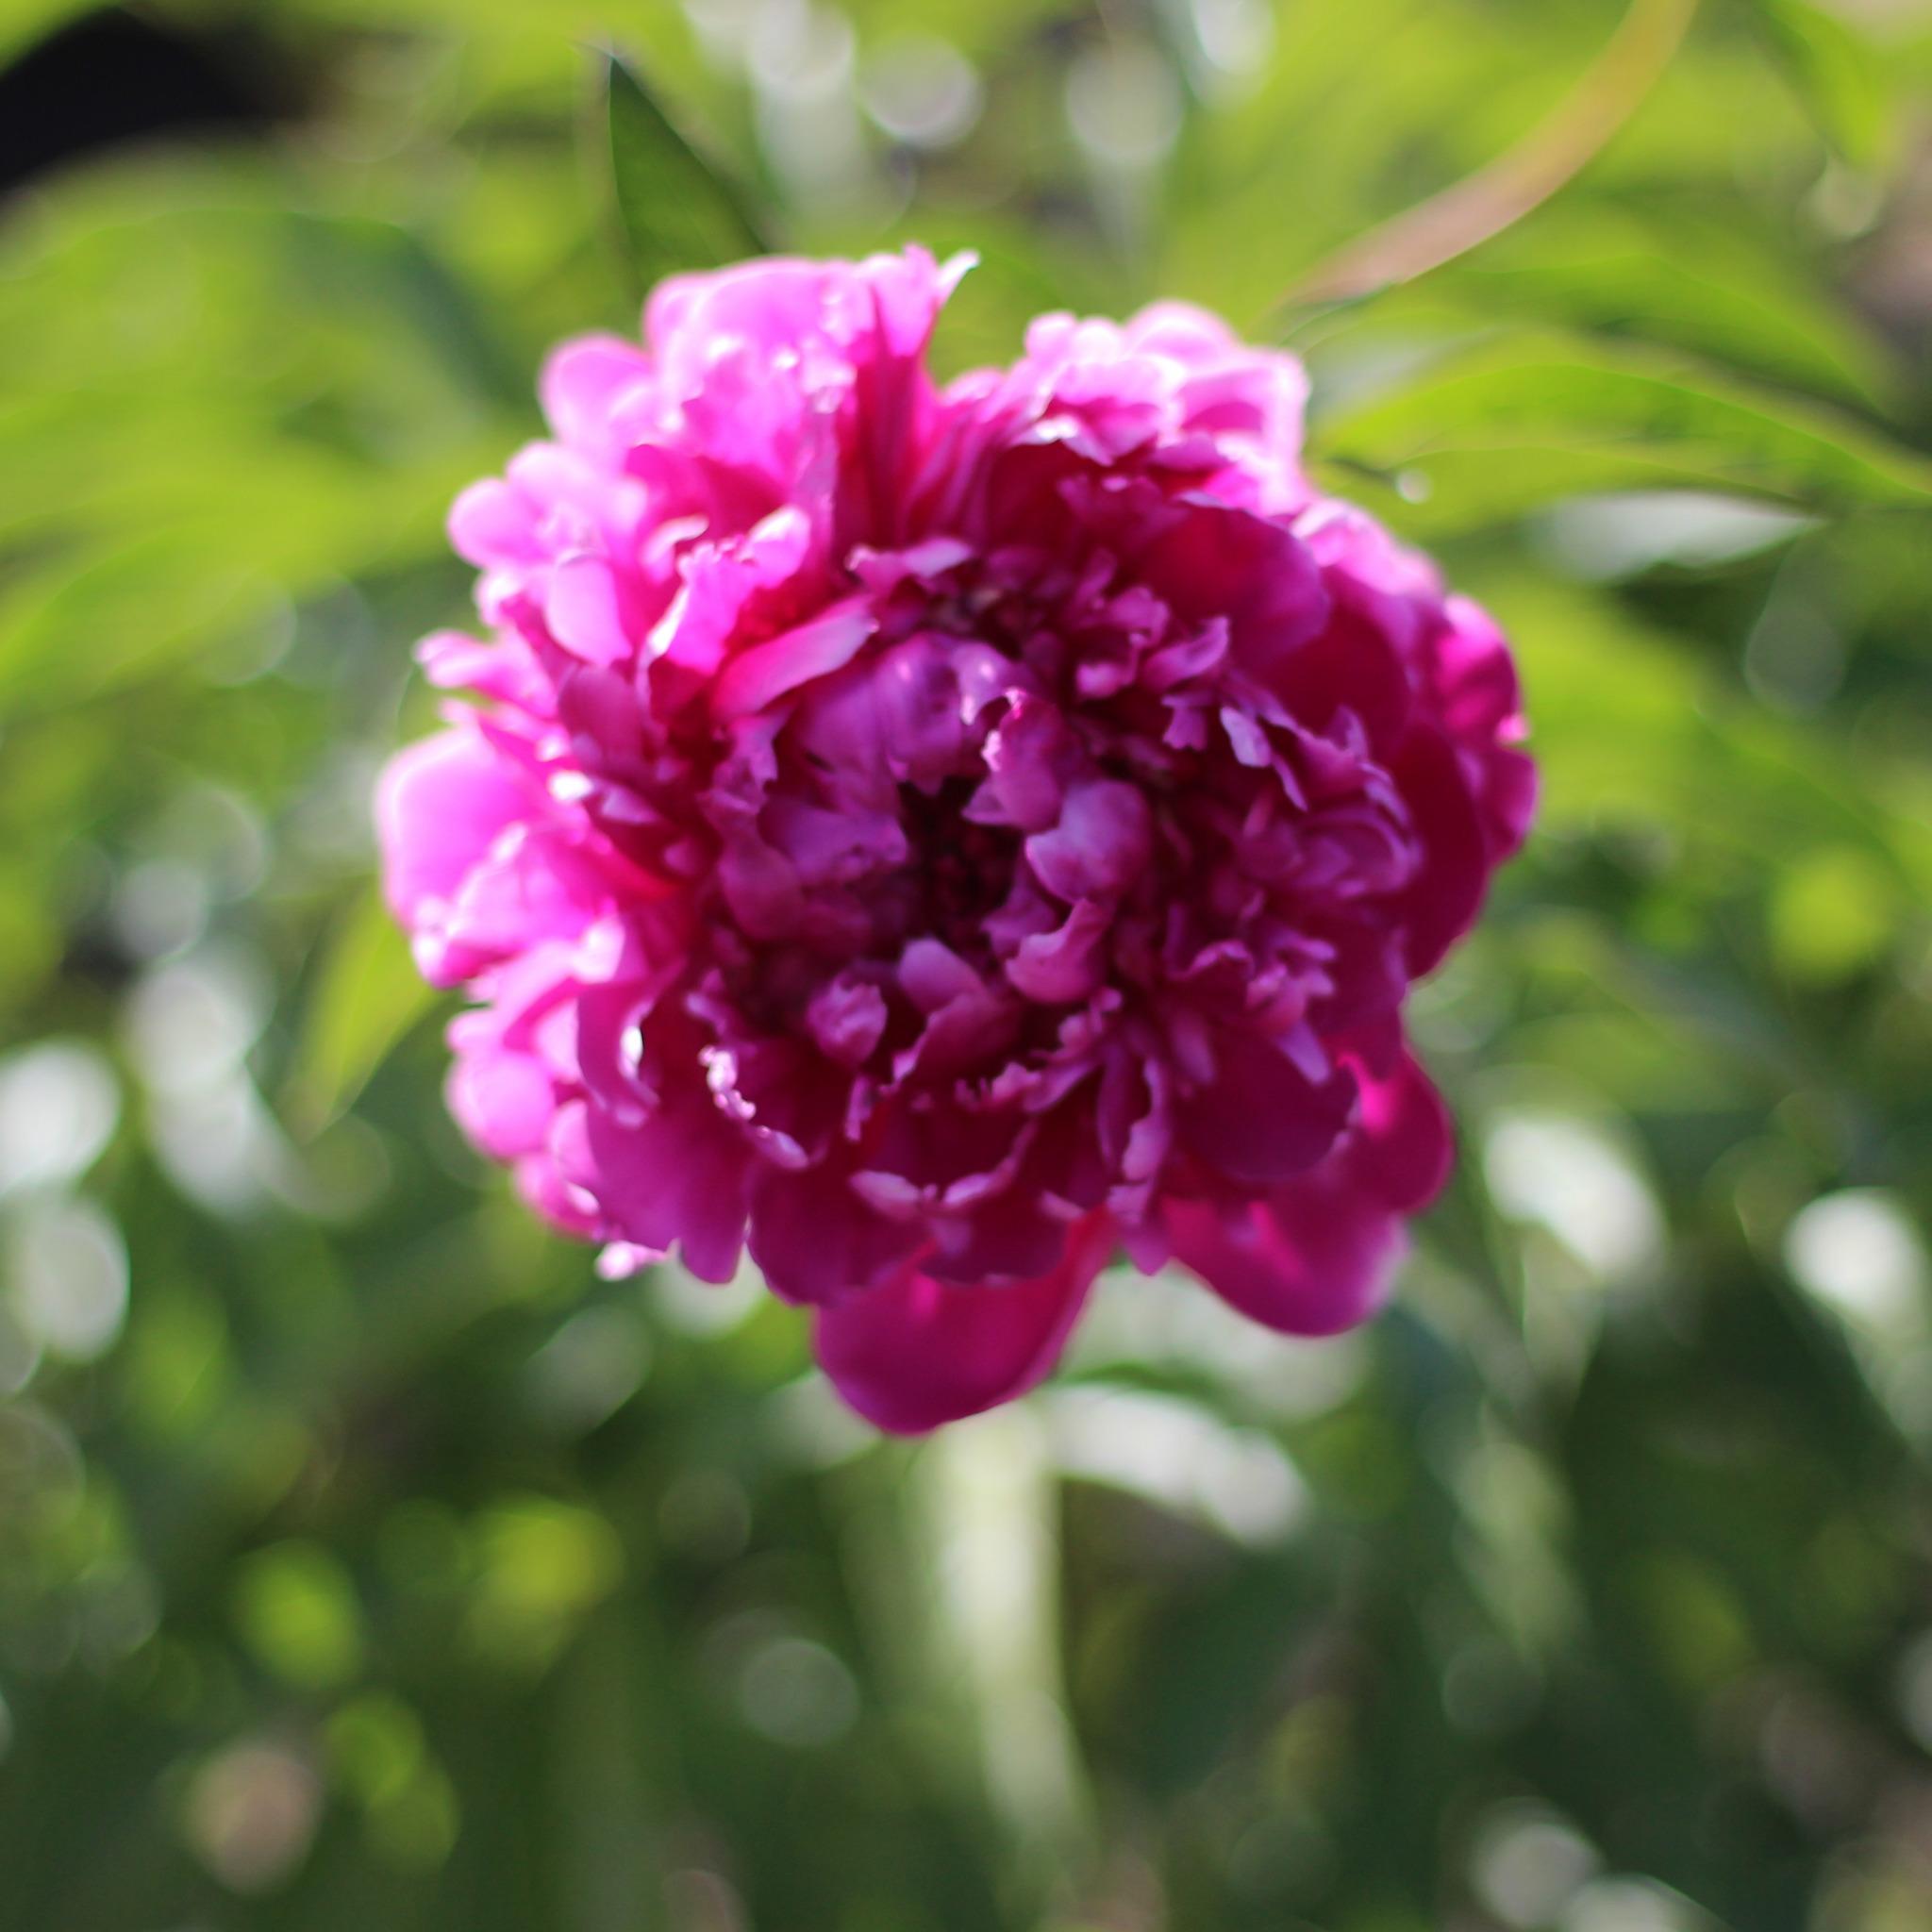 Днем, картинки дождь и цветы пионы